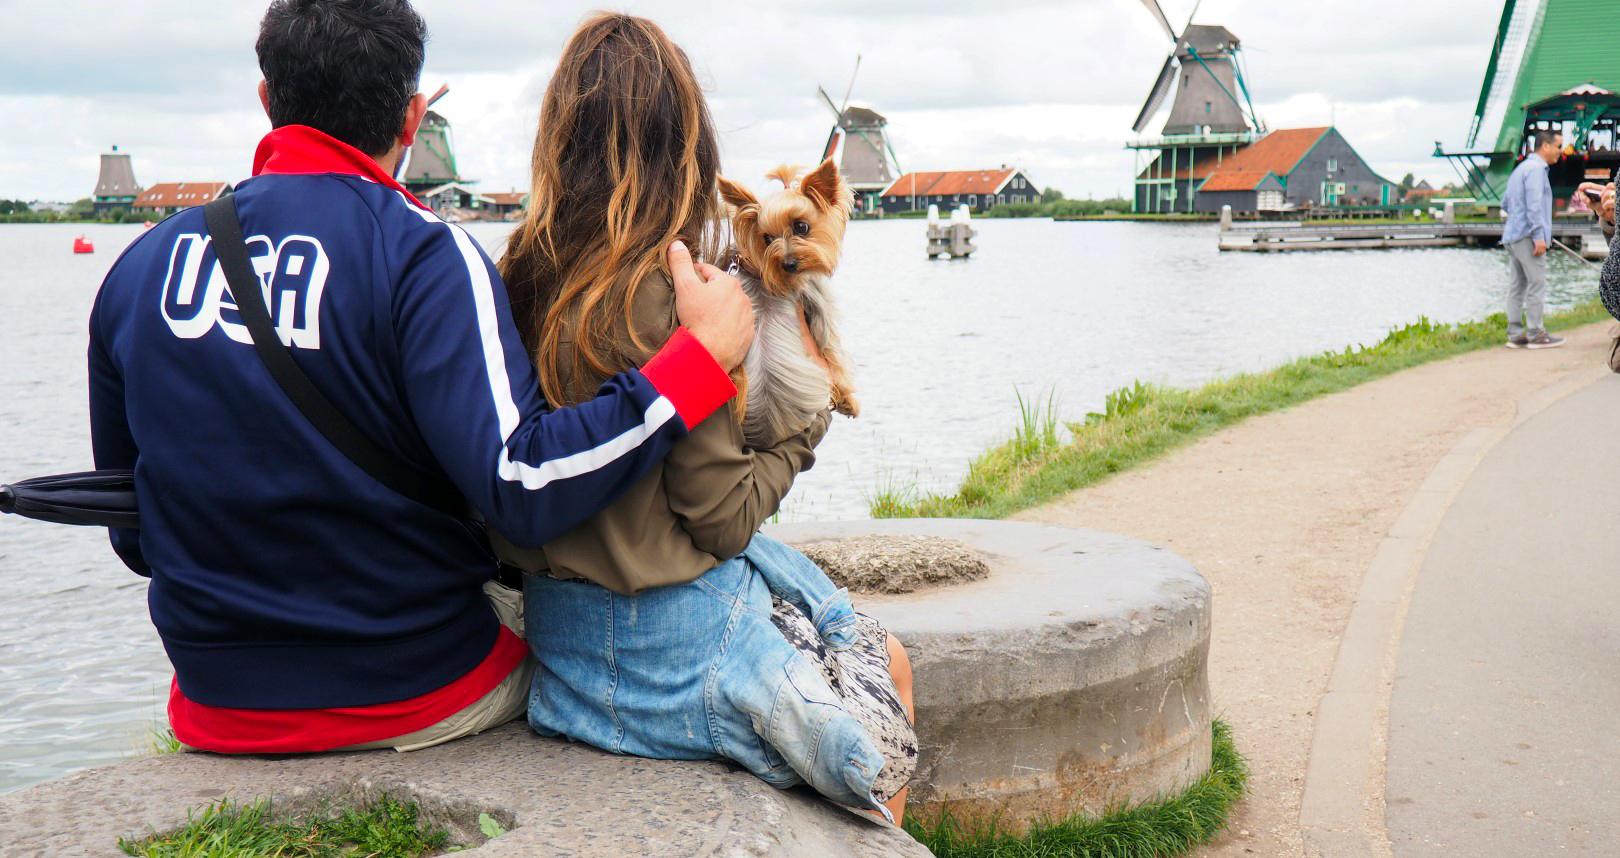 Amsterdam con Perro, Amsterdam con Mascotas amsterdam con perro - 29397505276 63b649d362 o - Visitar Amsterdam con perro